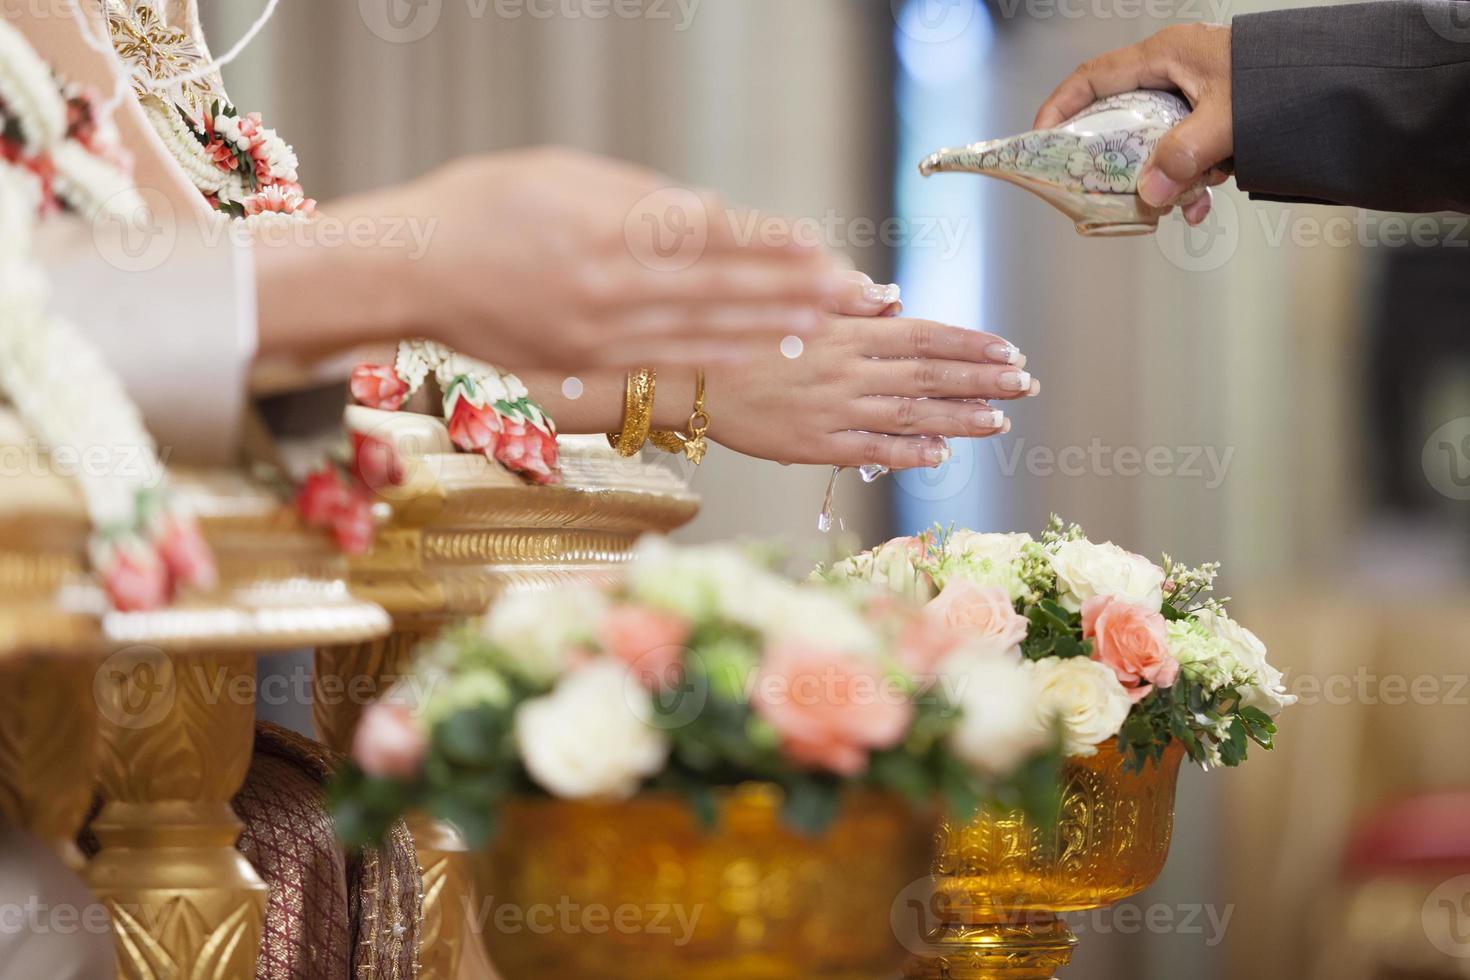 thailändische Hochzeitszeremonie Kultur Ehe. - (selektiver Fokus) foto